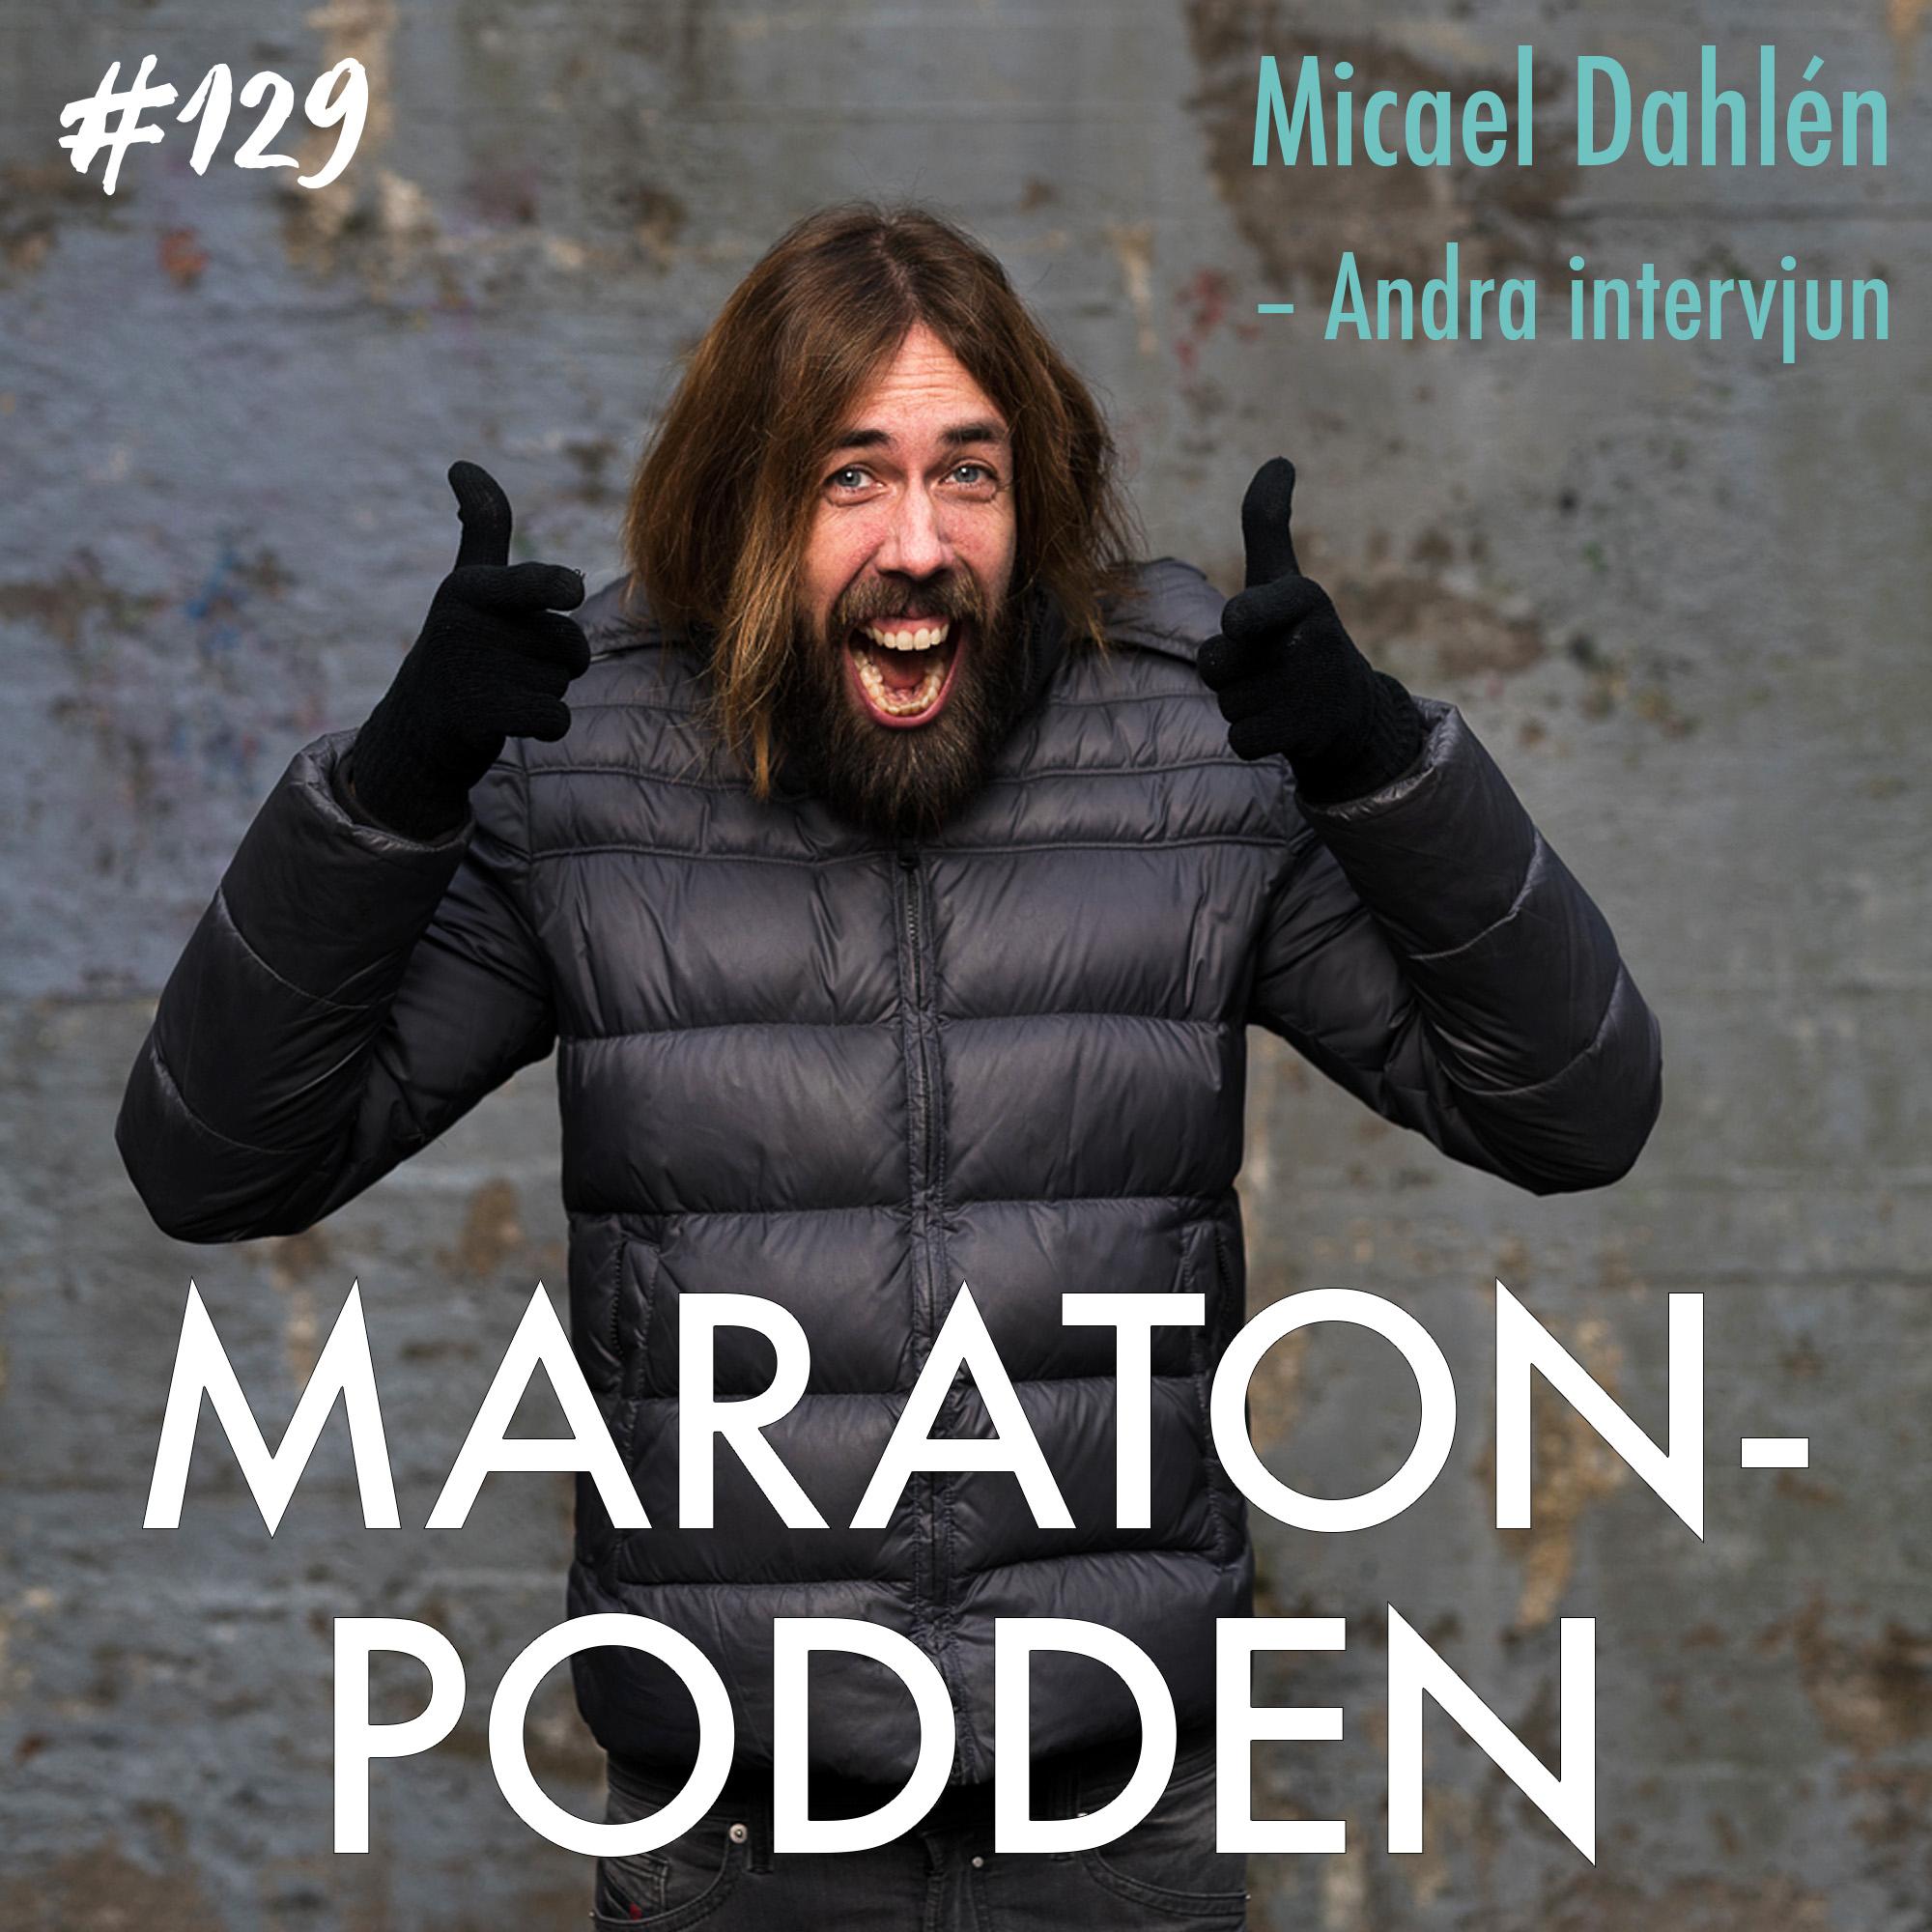 Micael Dahlén